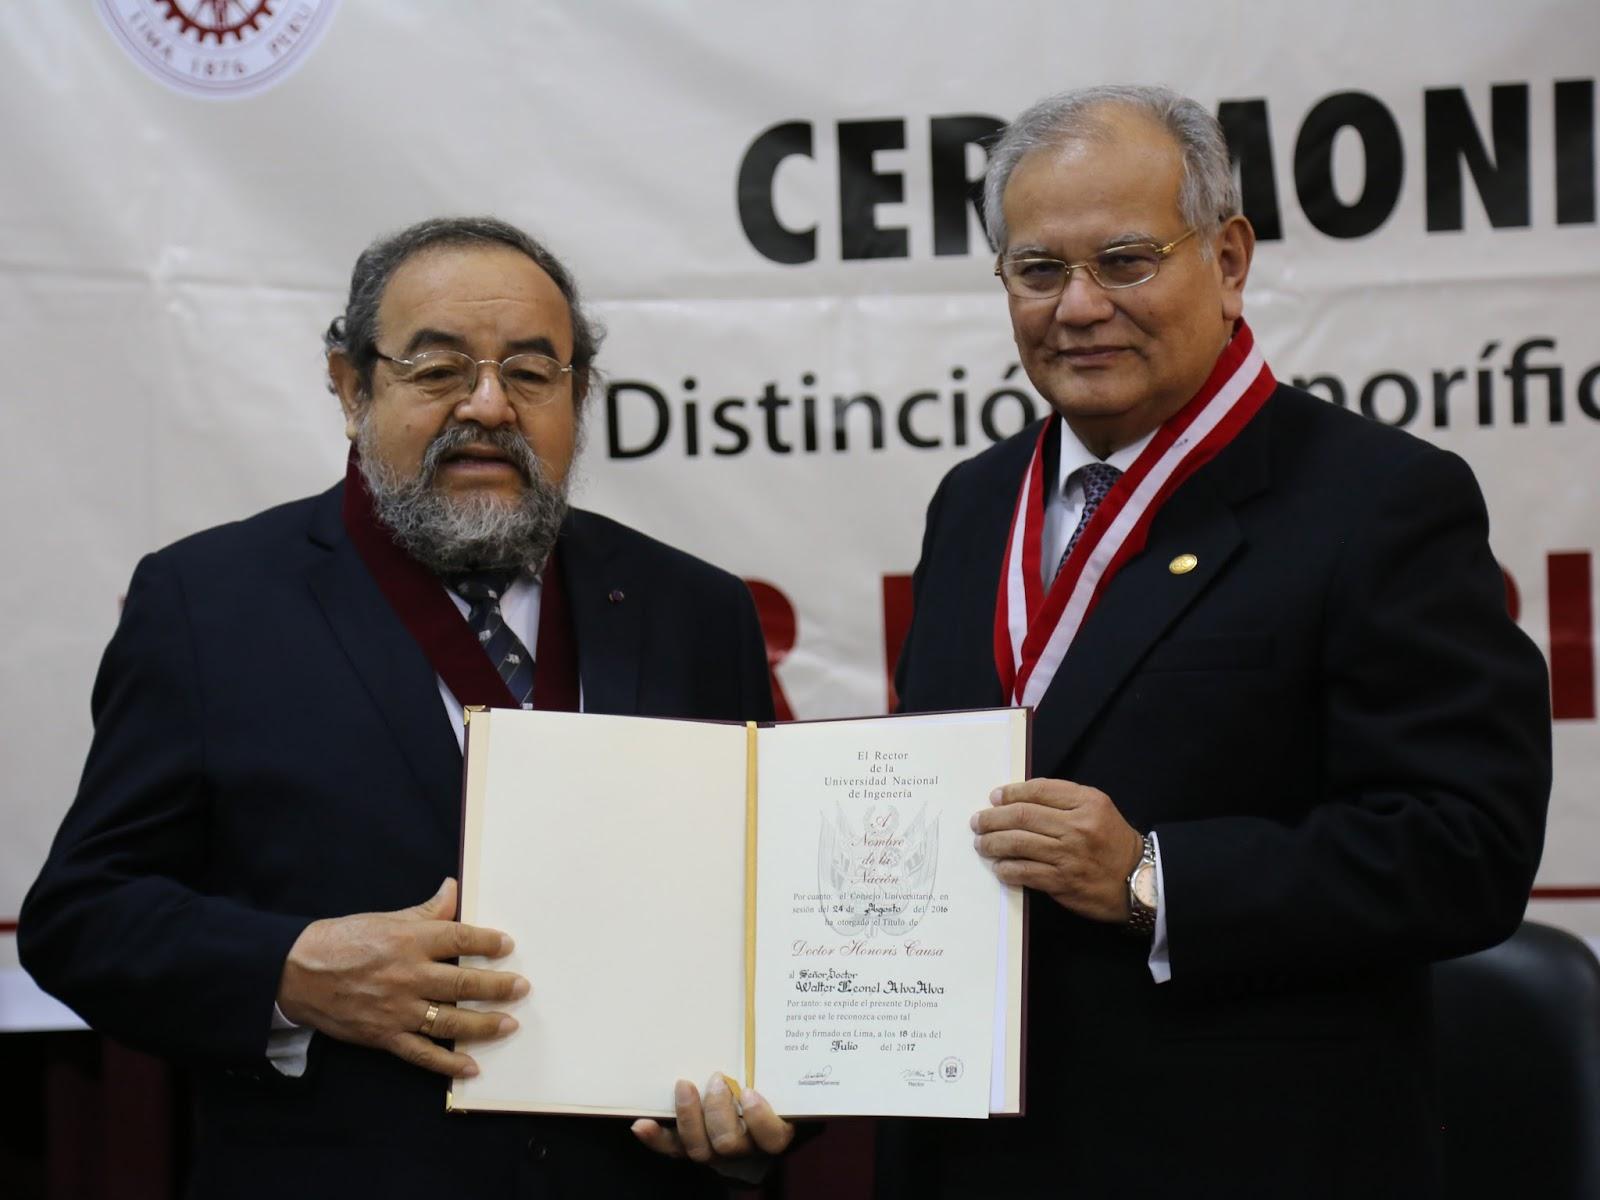 Arqueólogo Walter Alva recibe distinción de Doctor Honoris Causa de la UNI